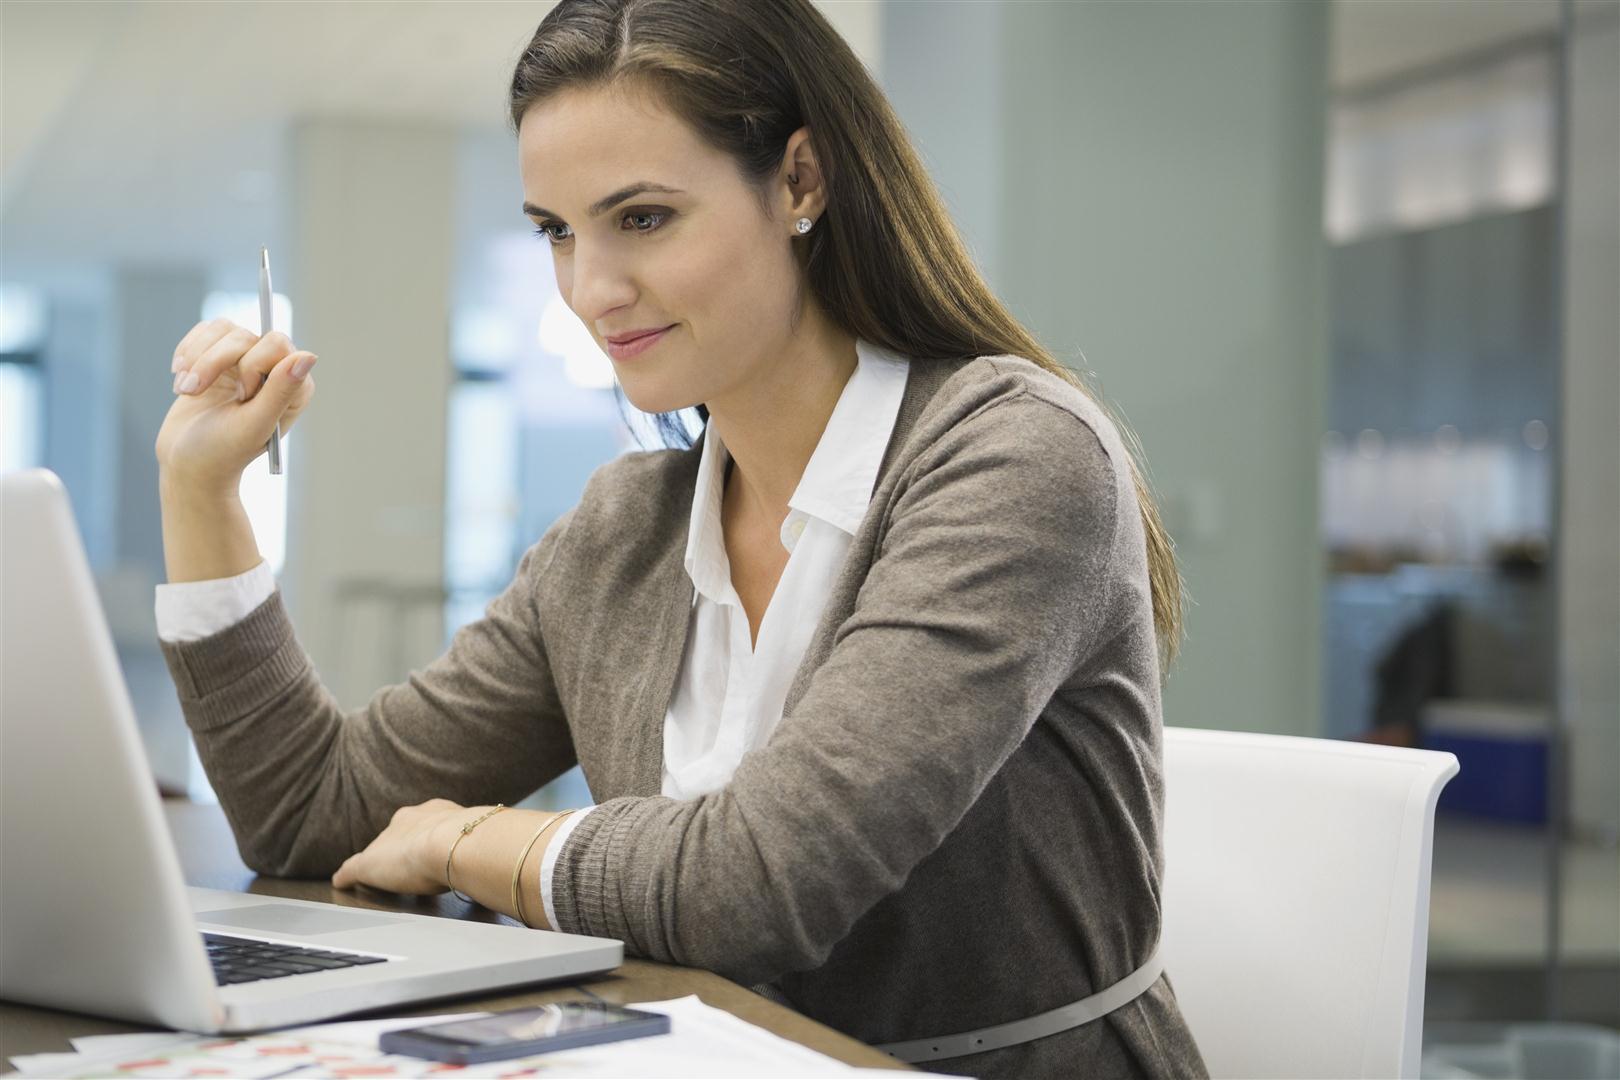 Lavoro: i giovani che tentano la strada dell'autoimprenditorialità